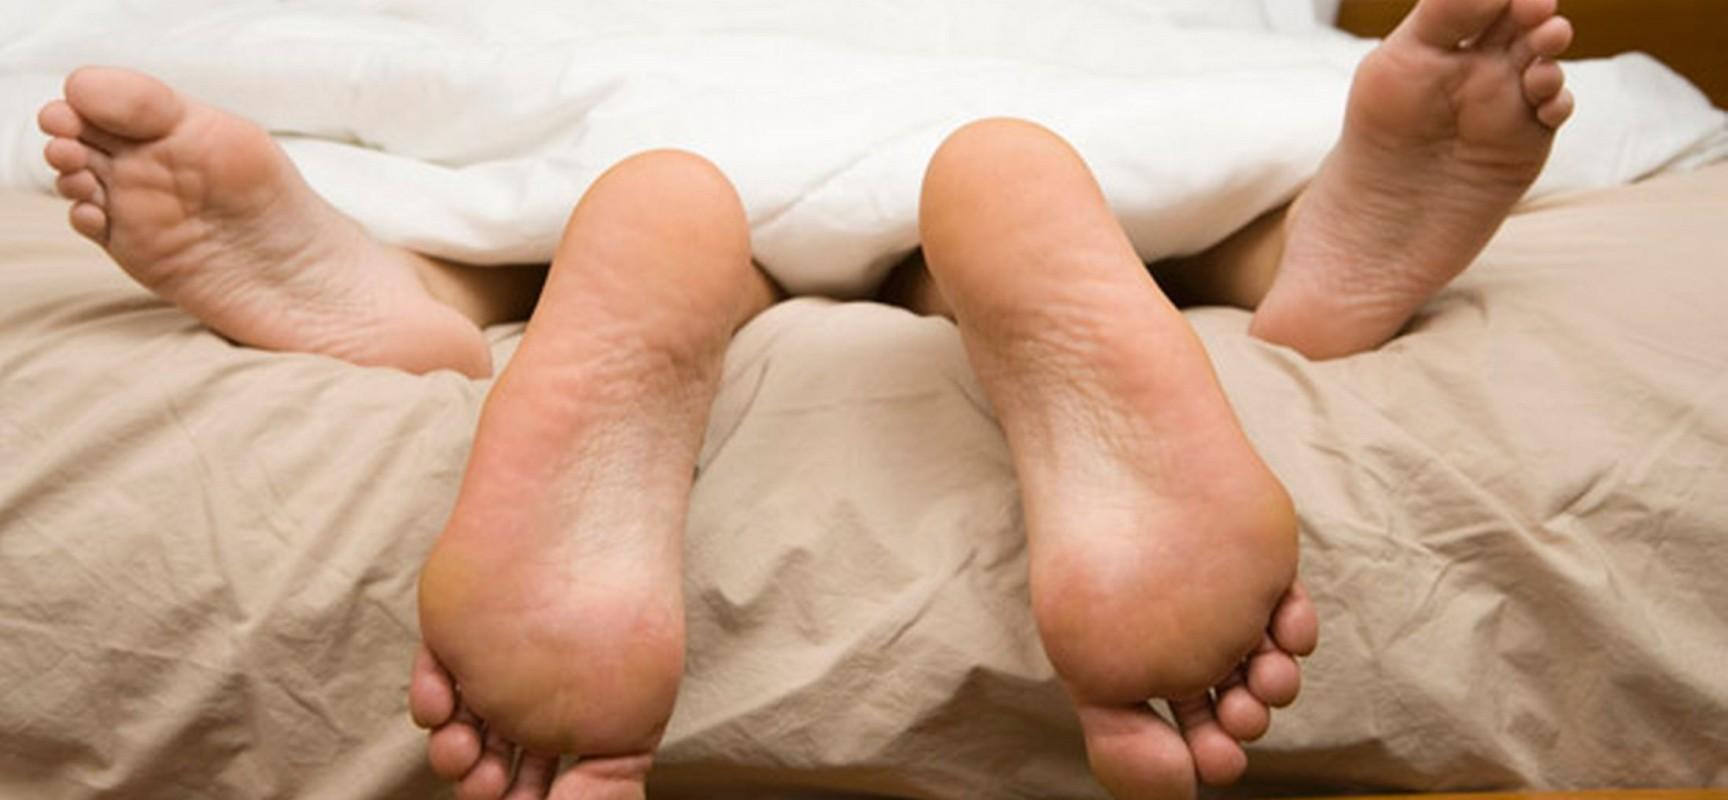 Jak poprawić życie seksualne?